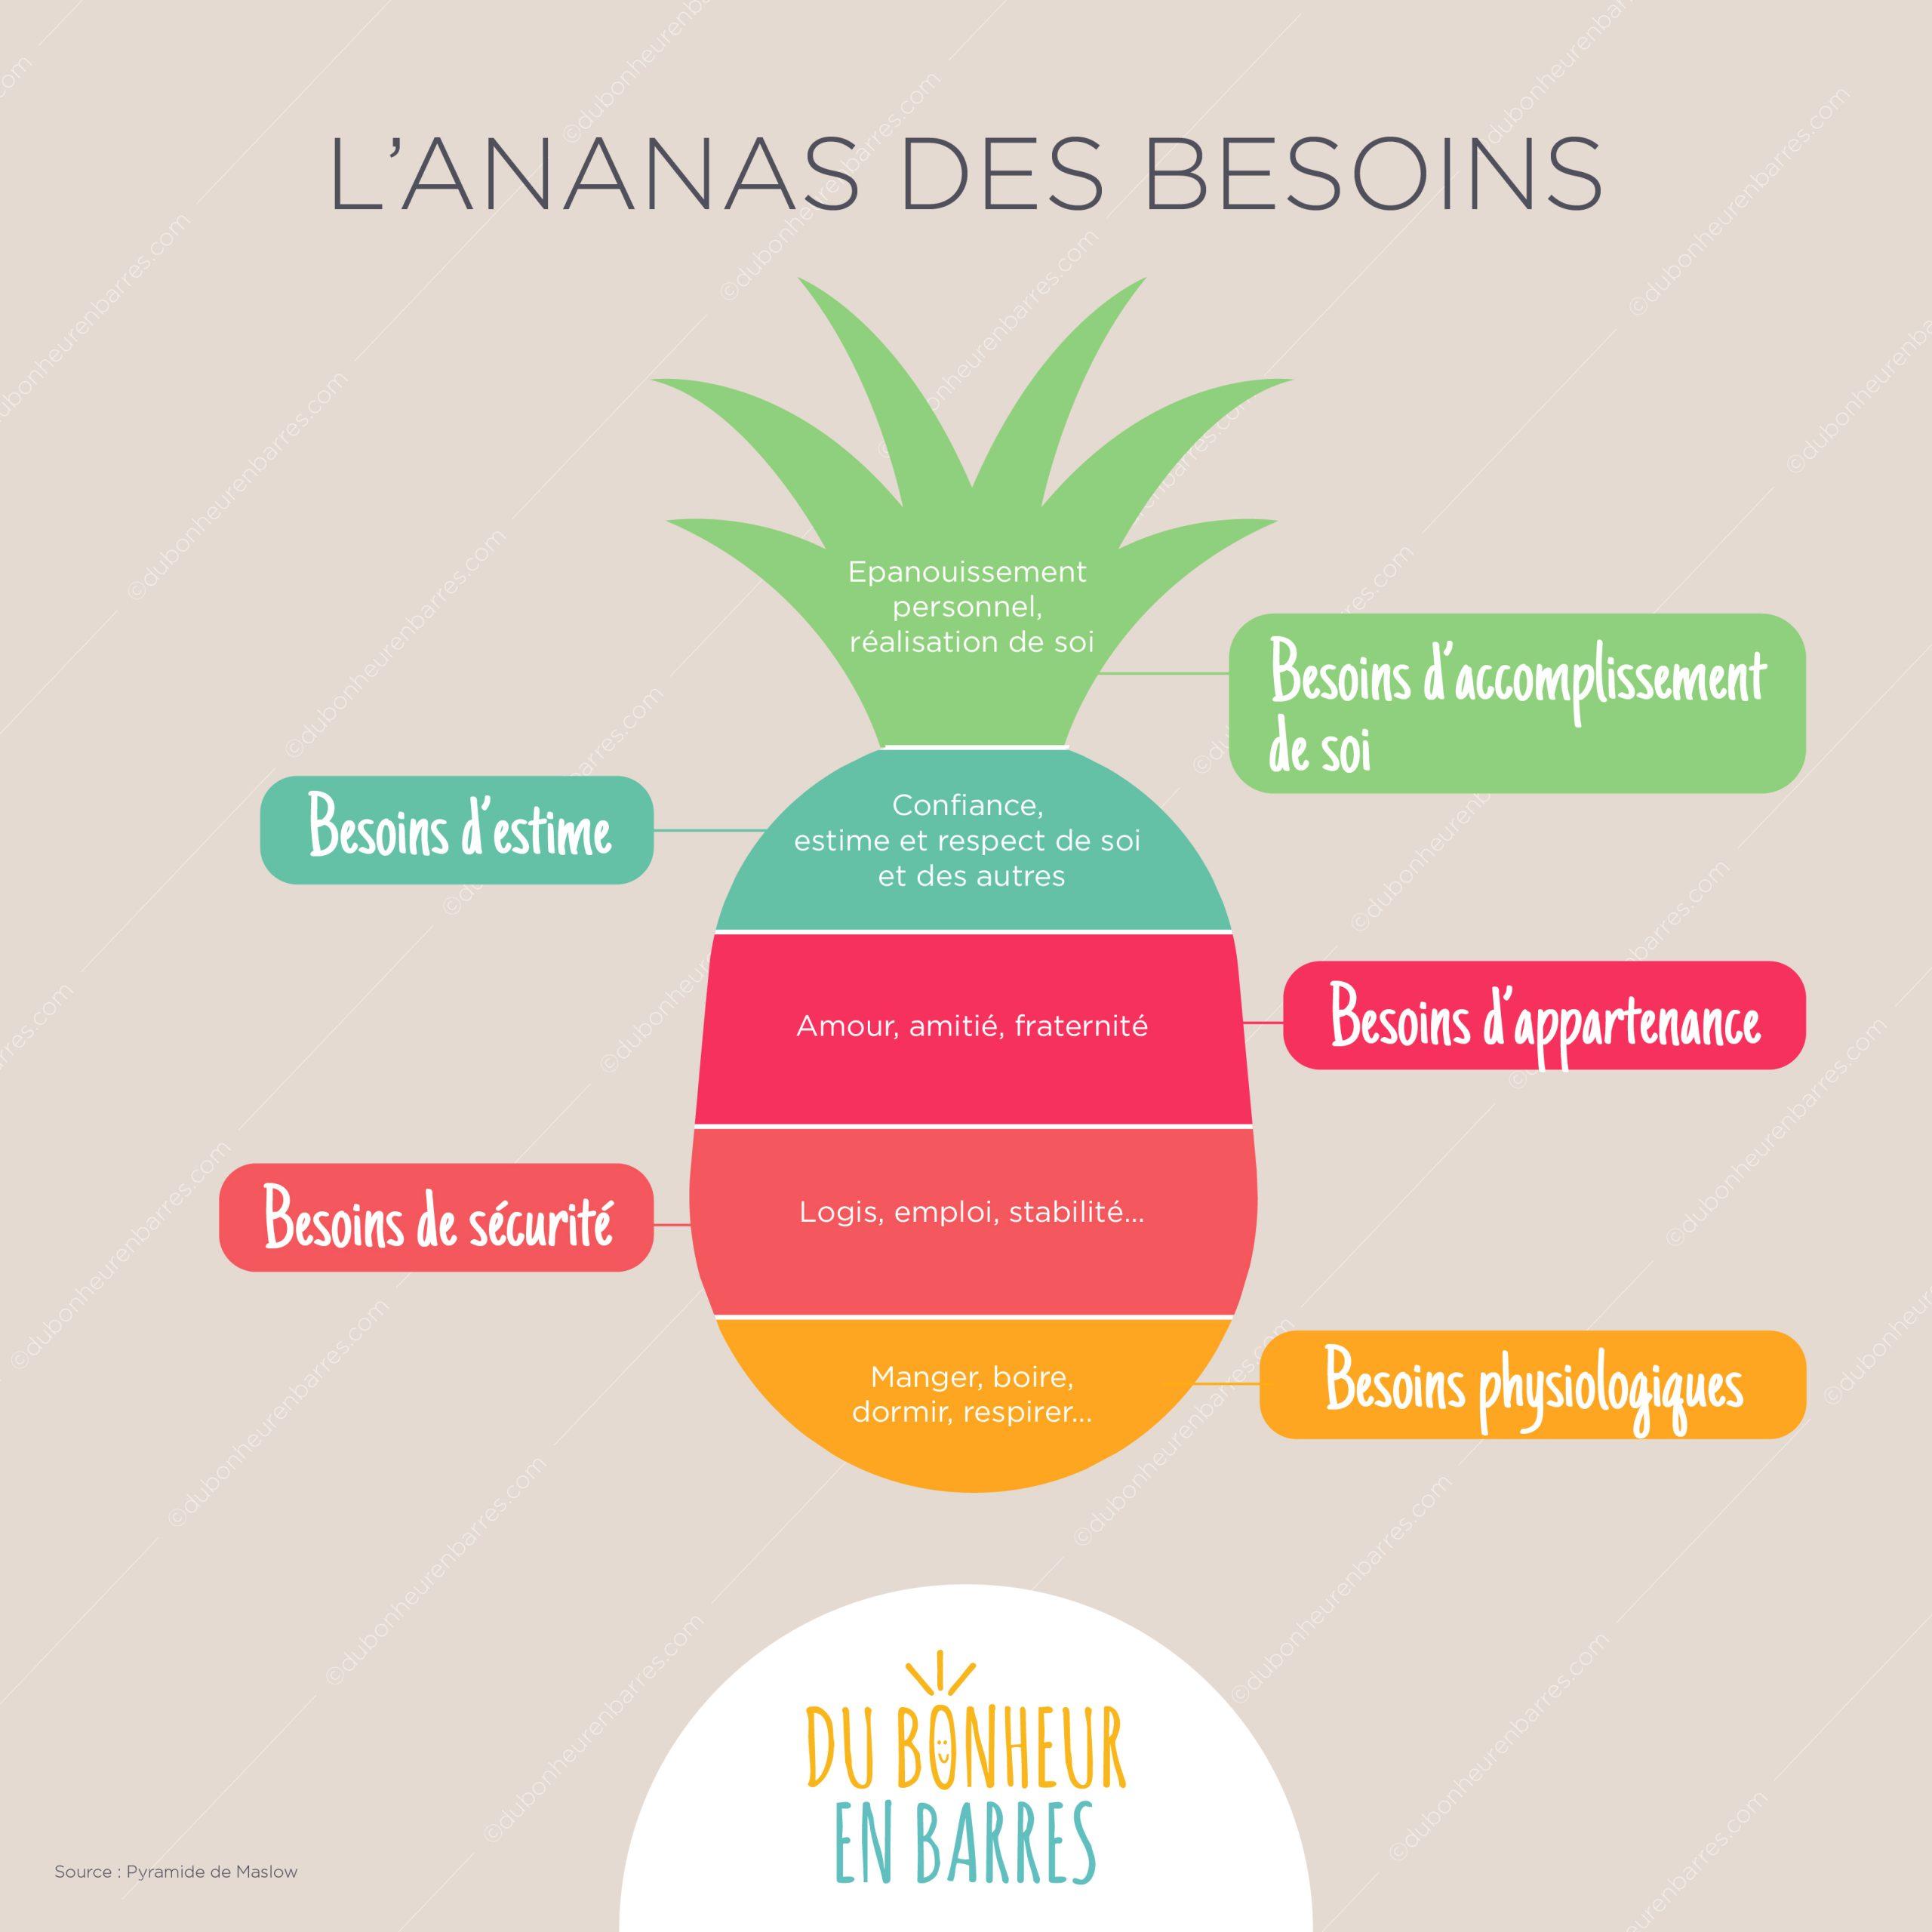 L'ananas des besoins